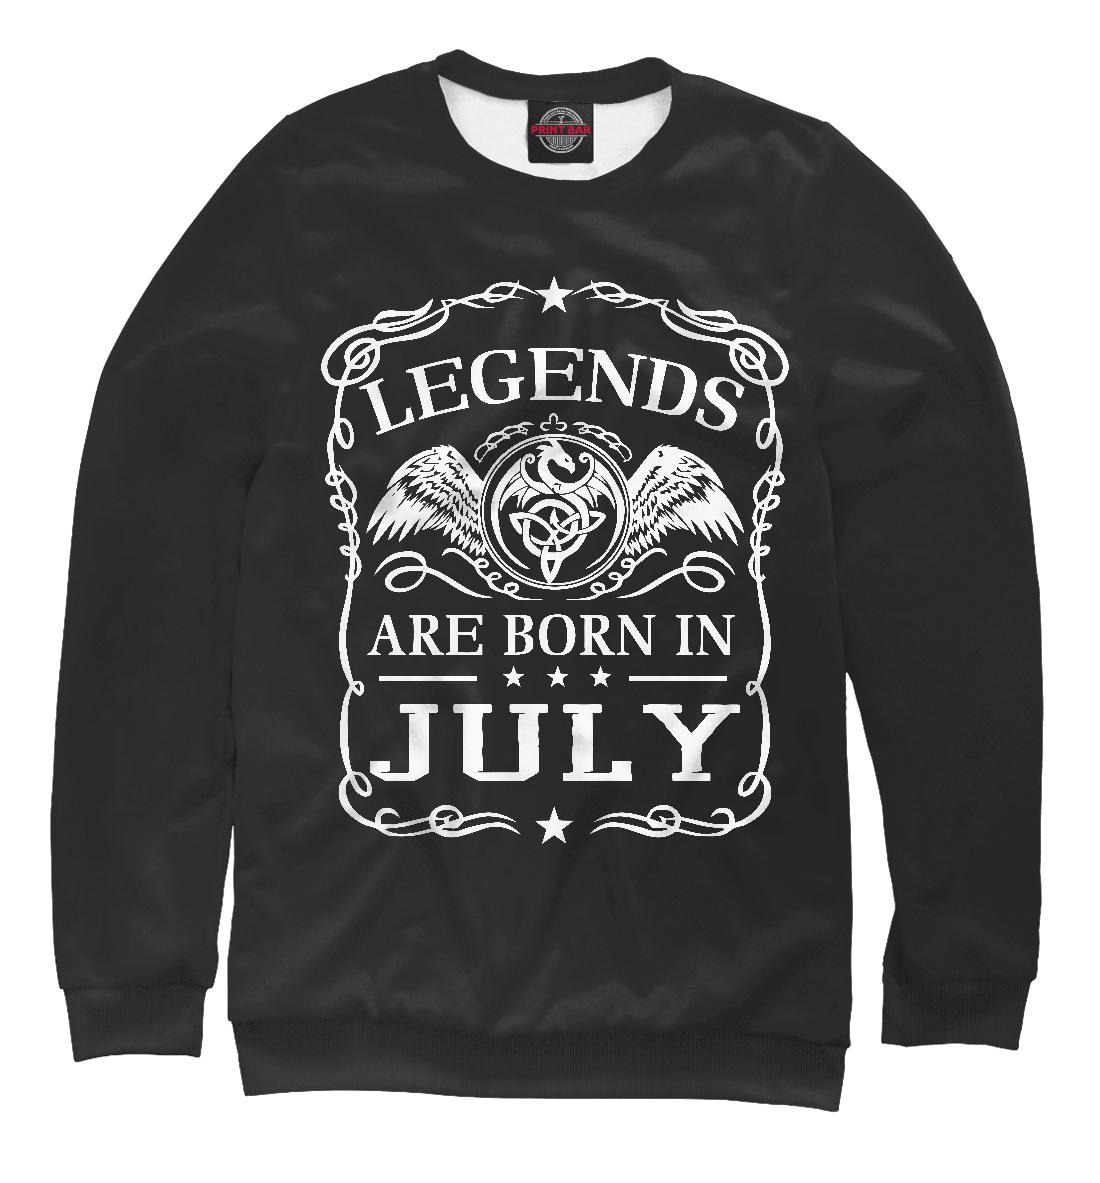 Купить Легенды рождаются в июле, Printbar, Свитшоты, RZP-703509-swi-2